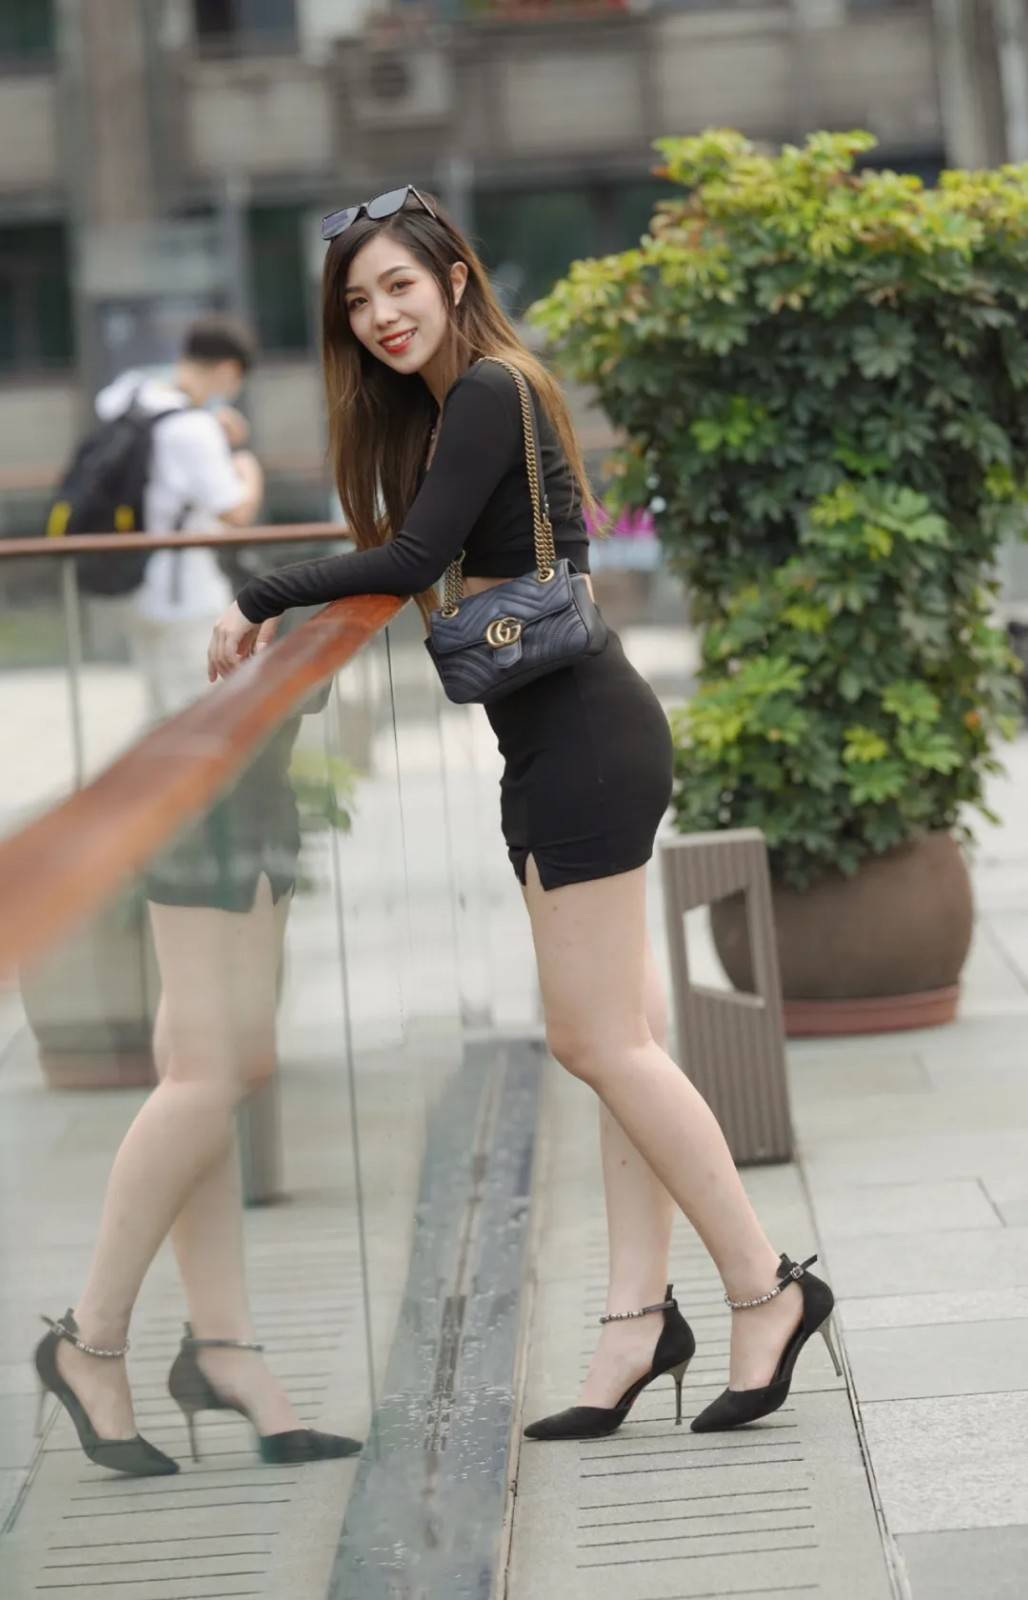 半身裙的精彩演绎,展现随性简约的搭配风格,时髦优雅又精致